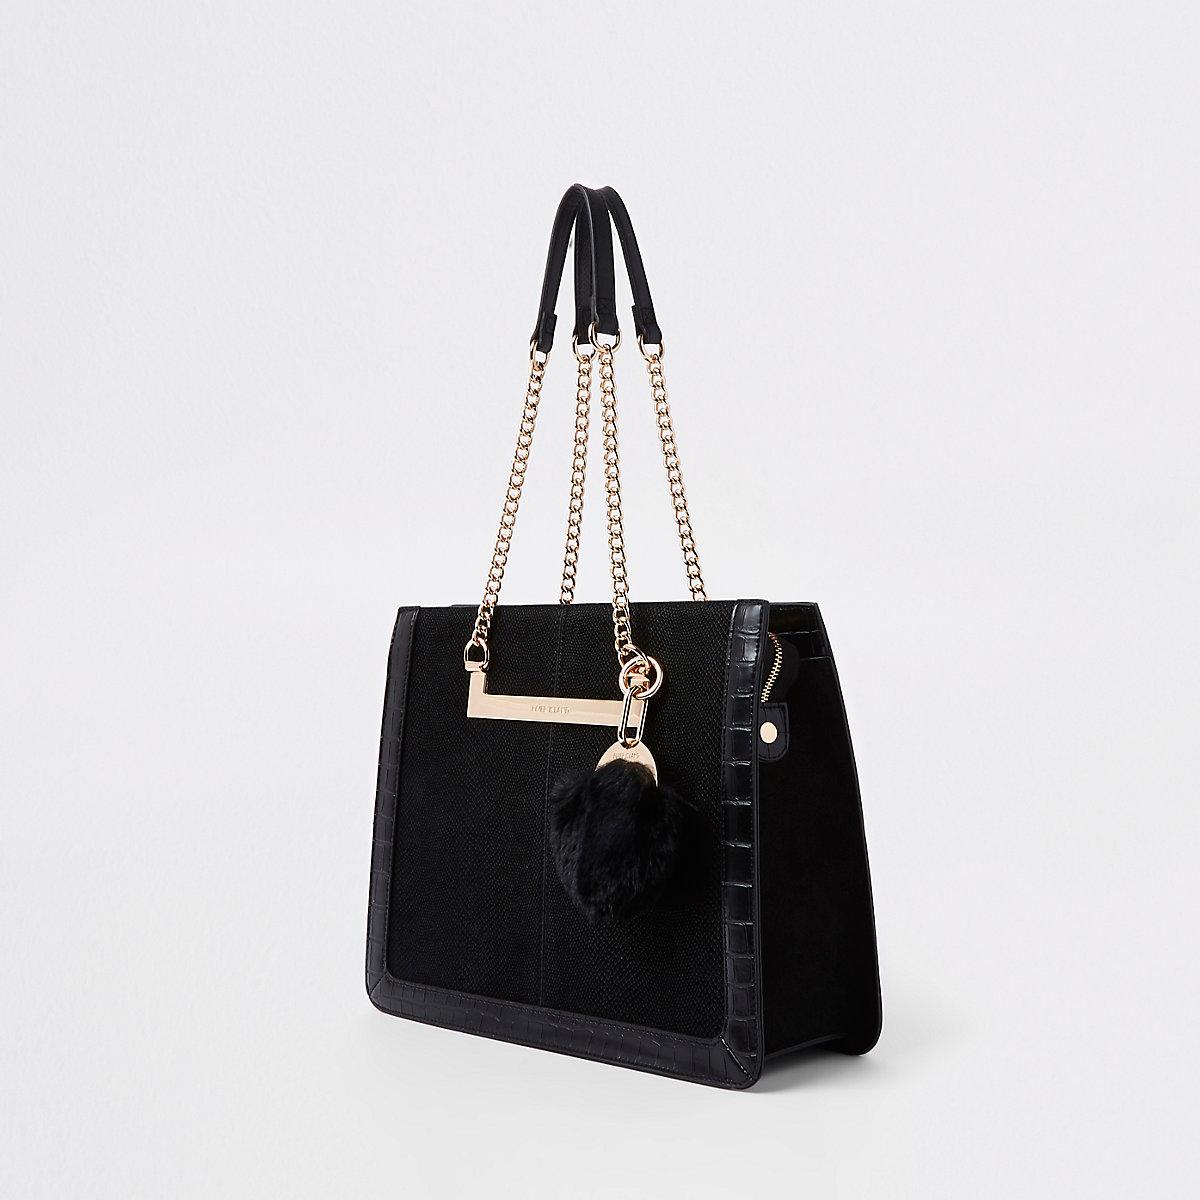 Black chain handle pom pom tote bag - Shopper   Tote Bags - Bags ... 9d7dfbff5e53